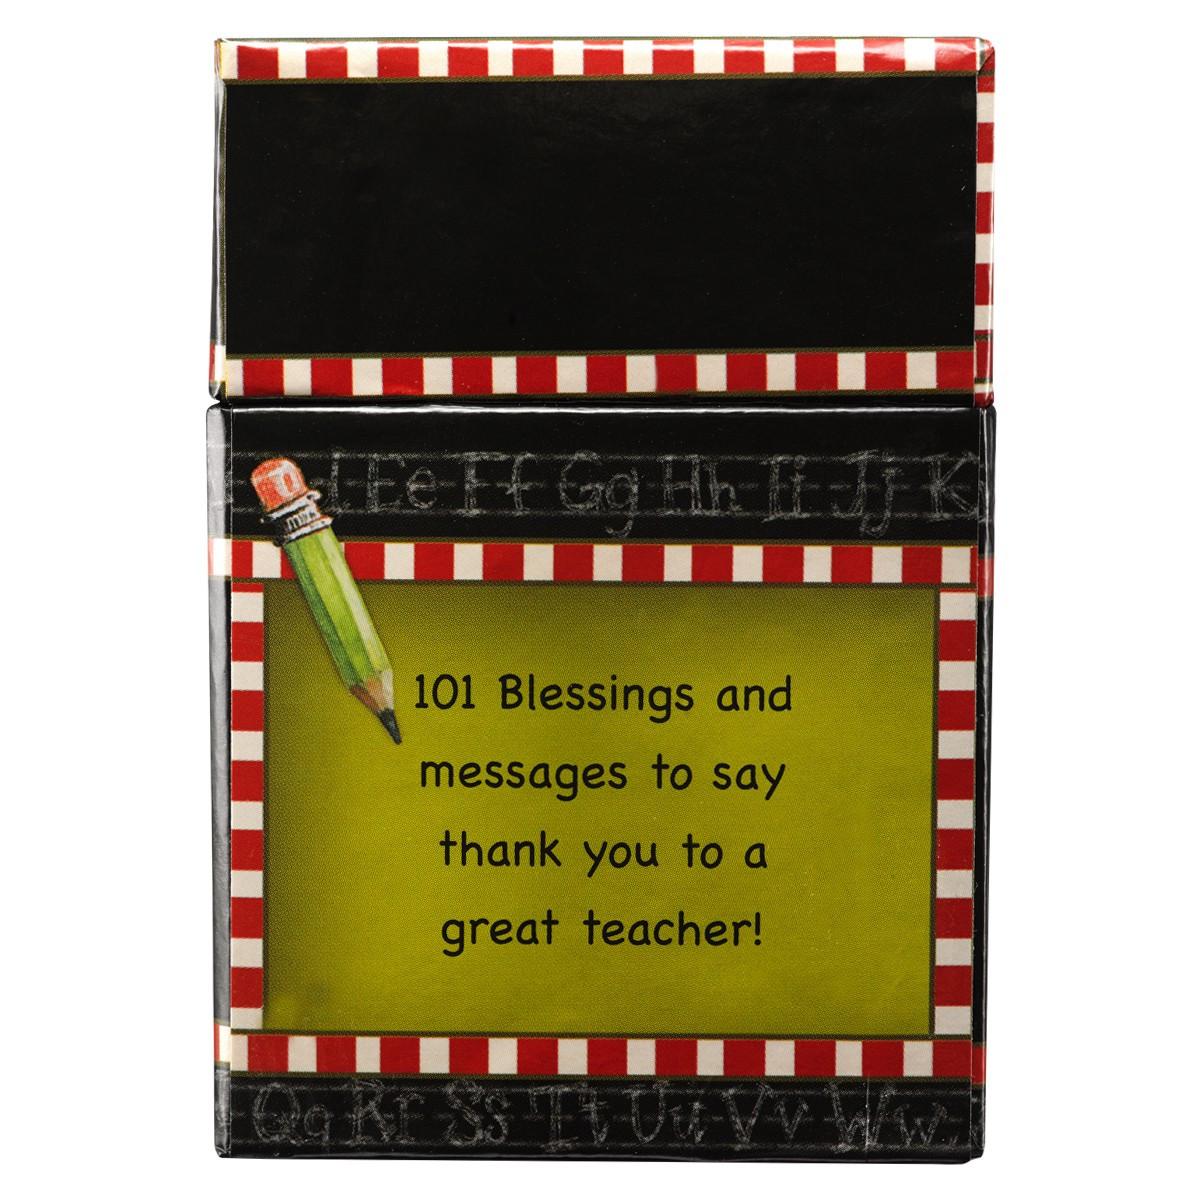 101 Blessings for my Teacher